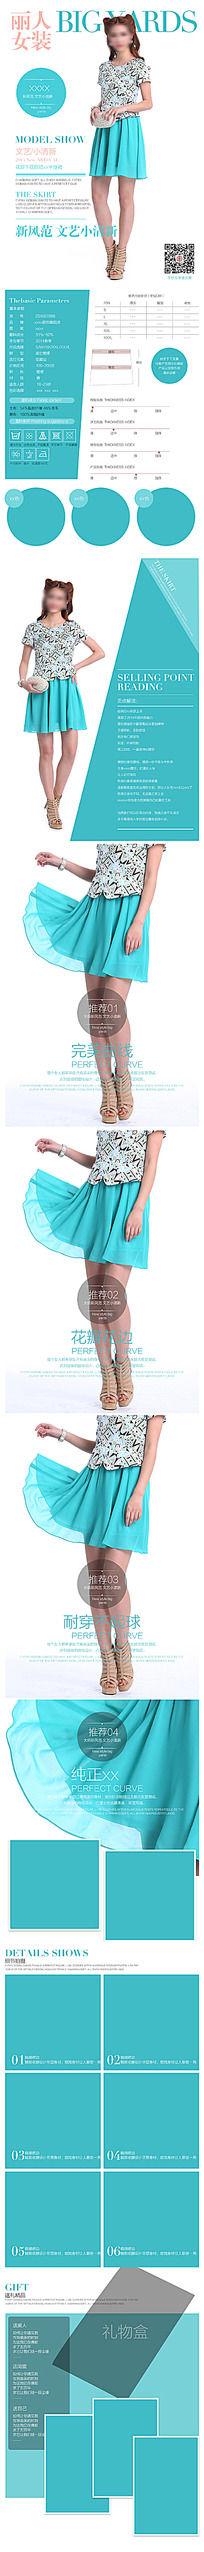 淘宝小清新丽人女装详情描述模版